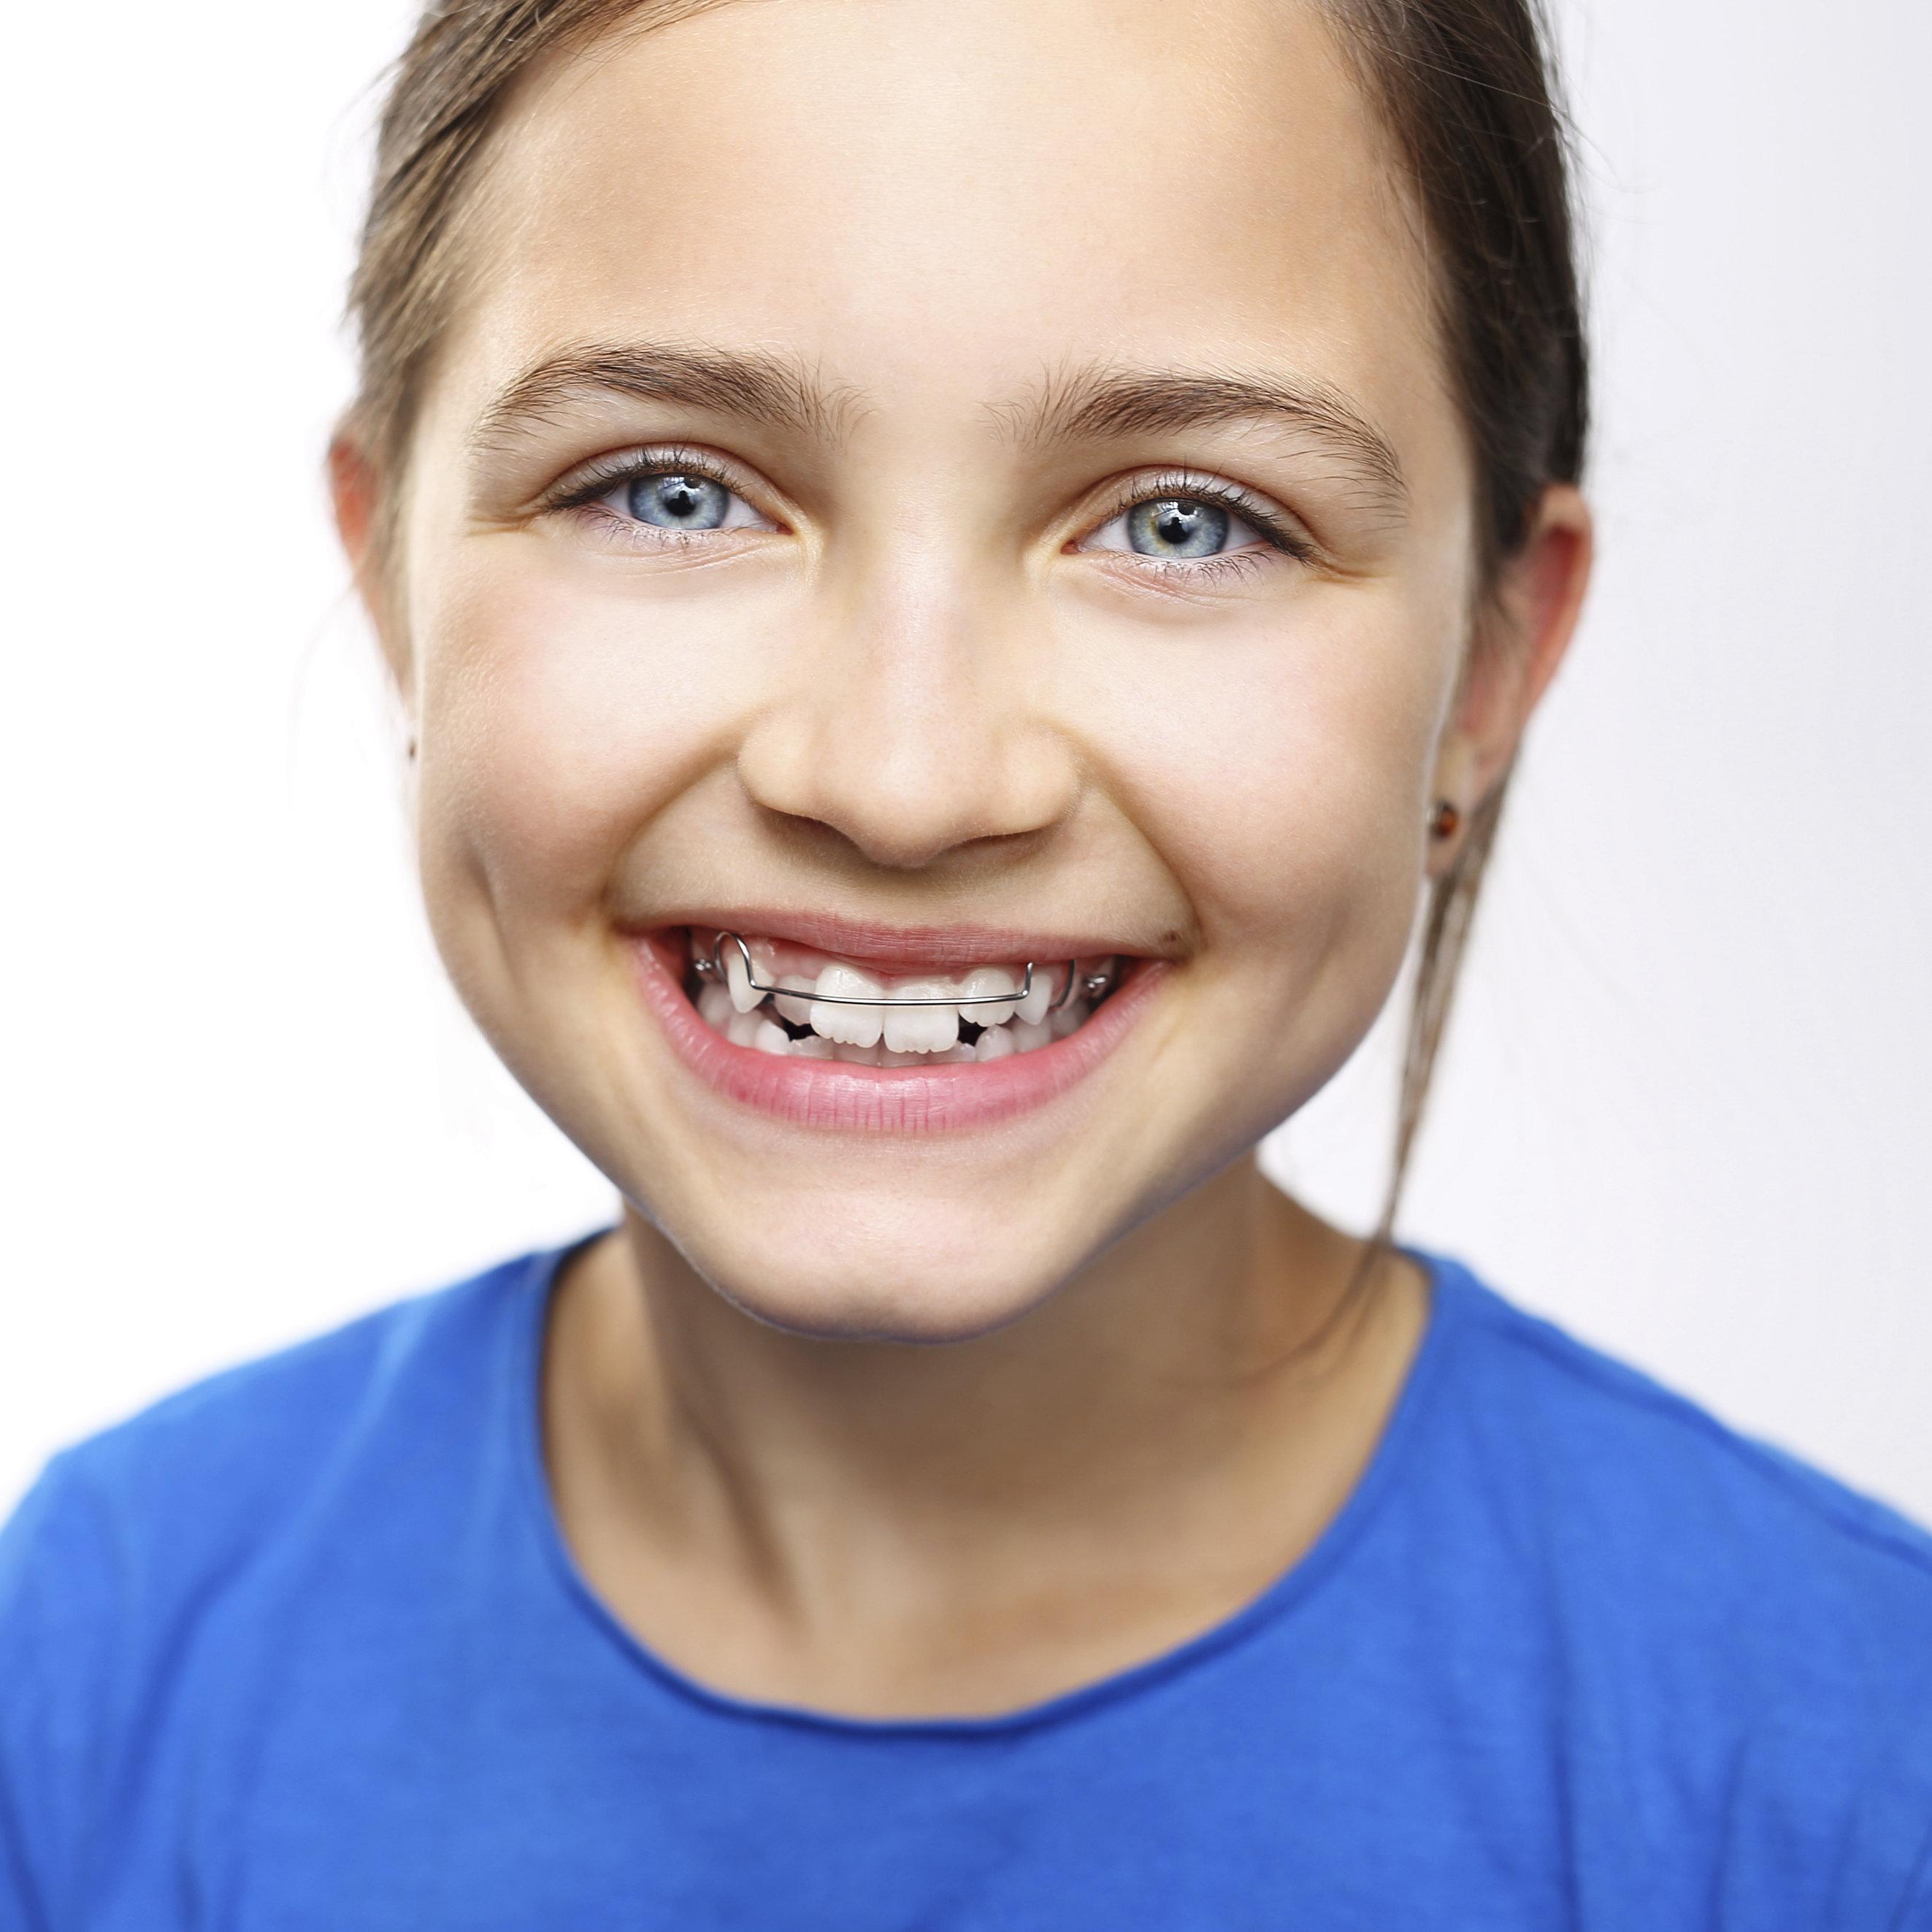 Orthodontic Care For Children